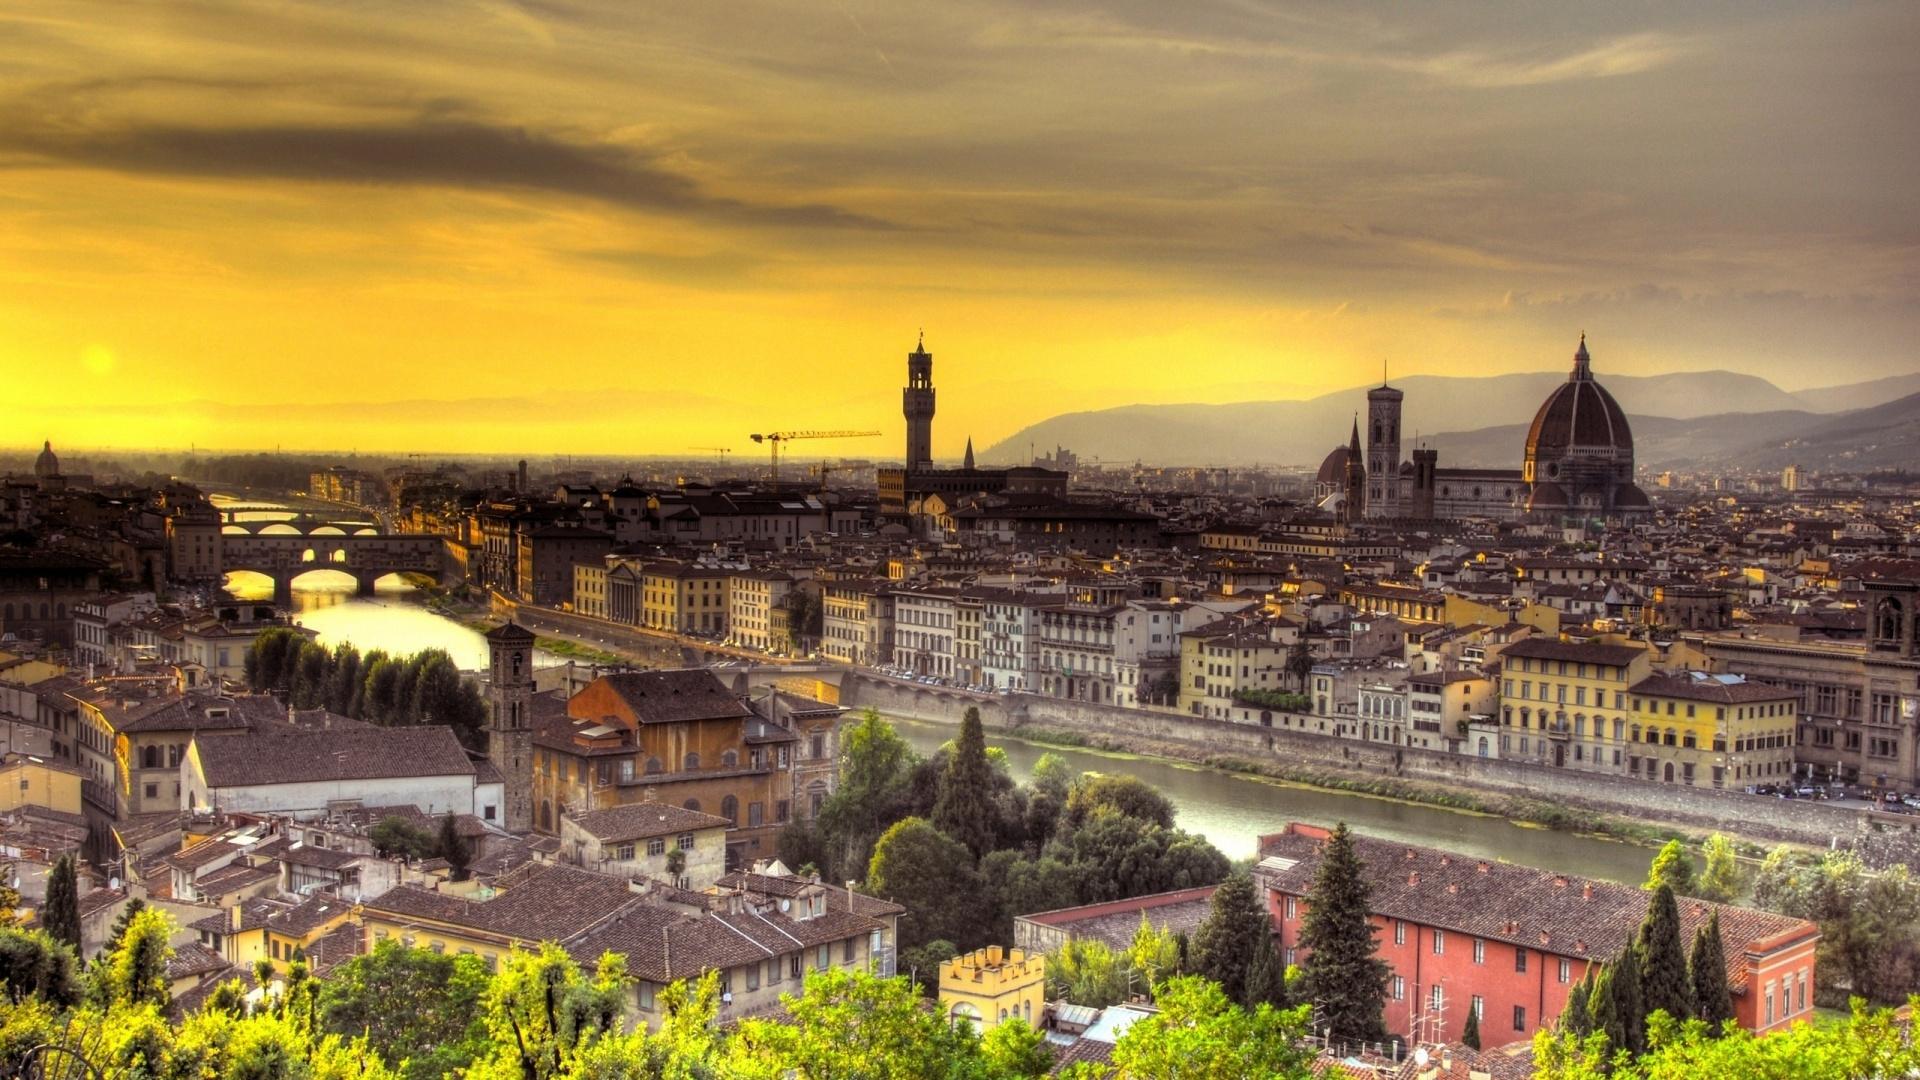 45 Florence Desktop Wallpaper On Wallpapersafari